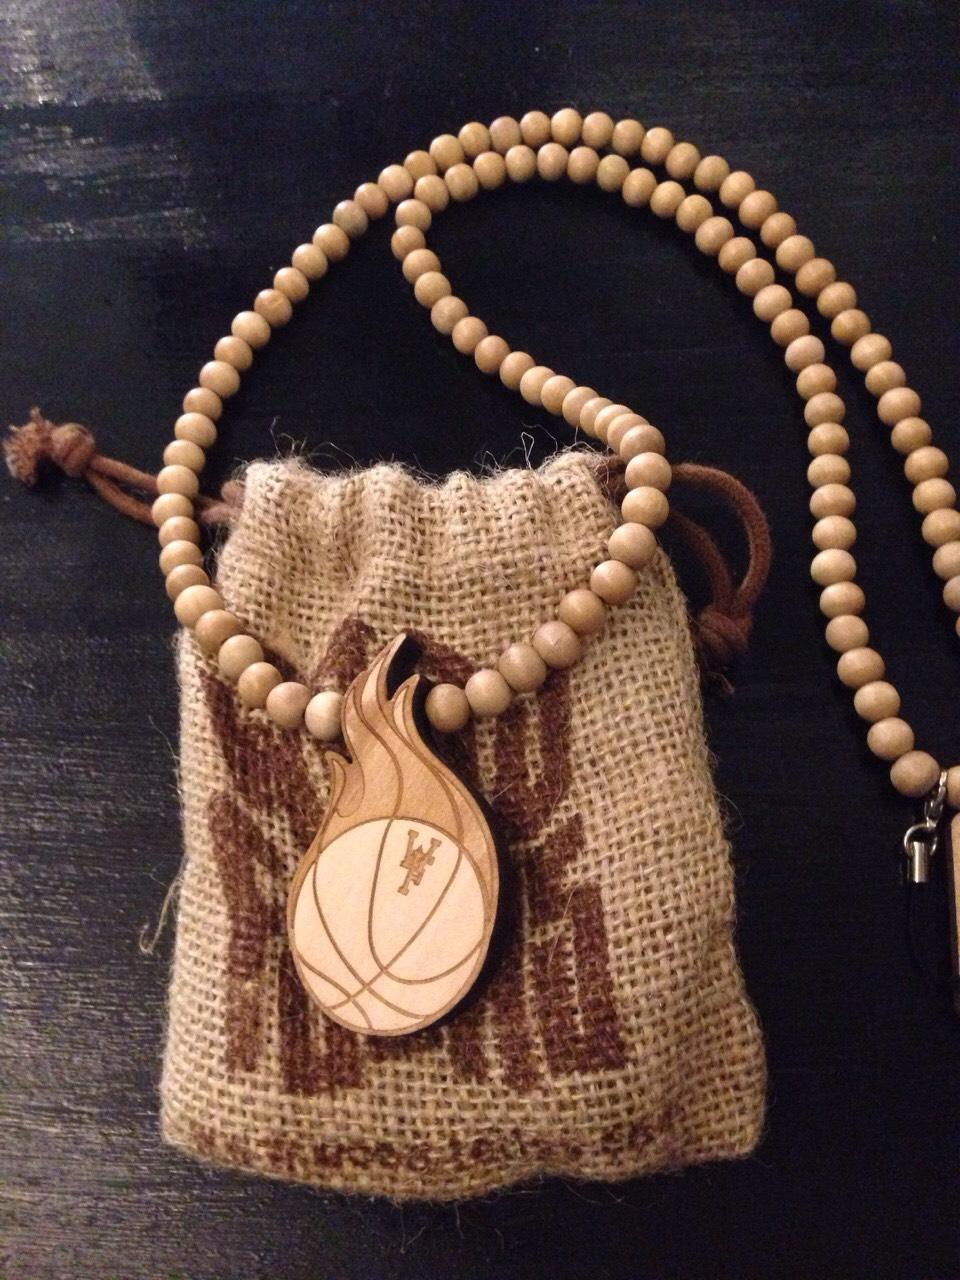 woodfellas_necklace09